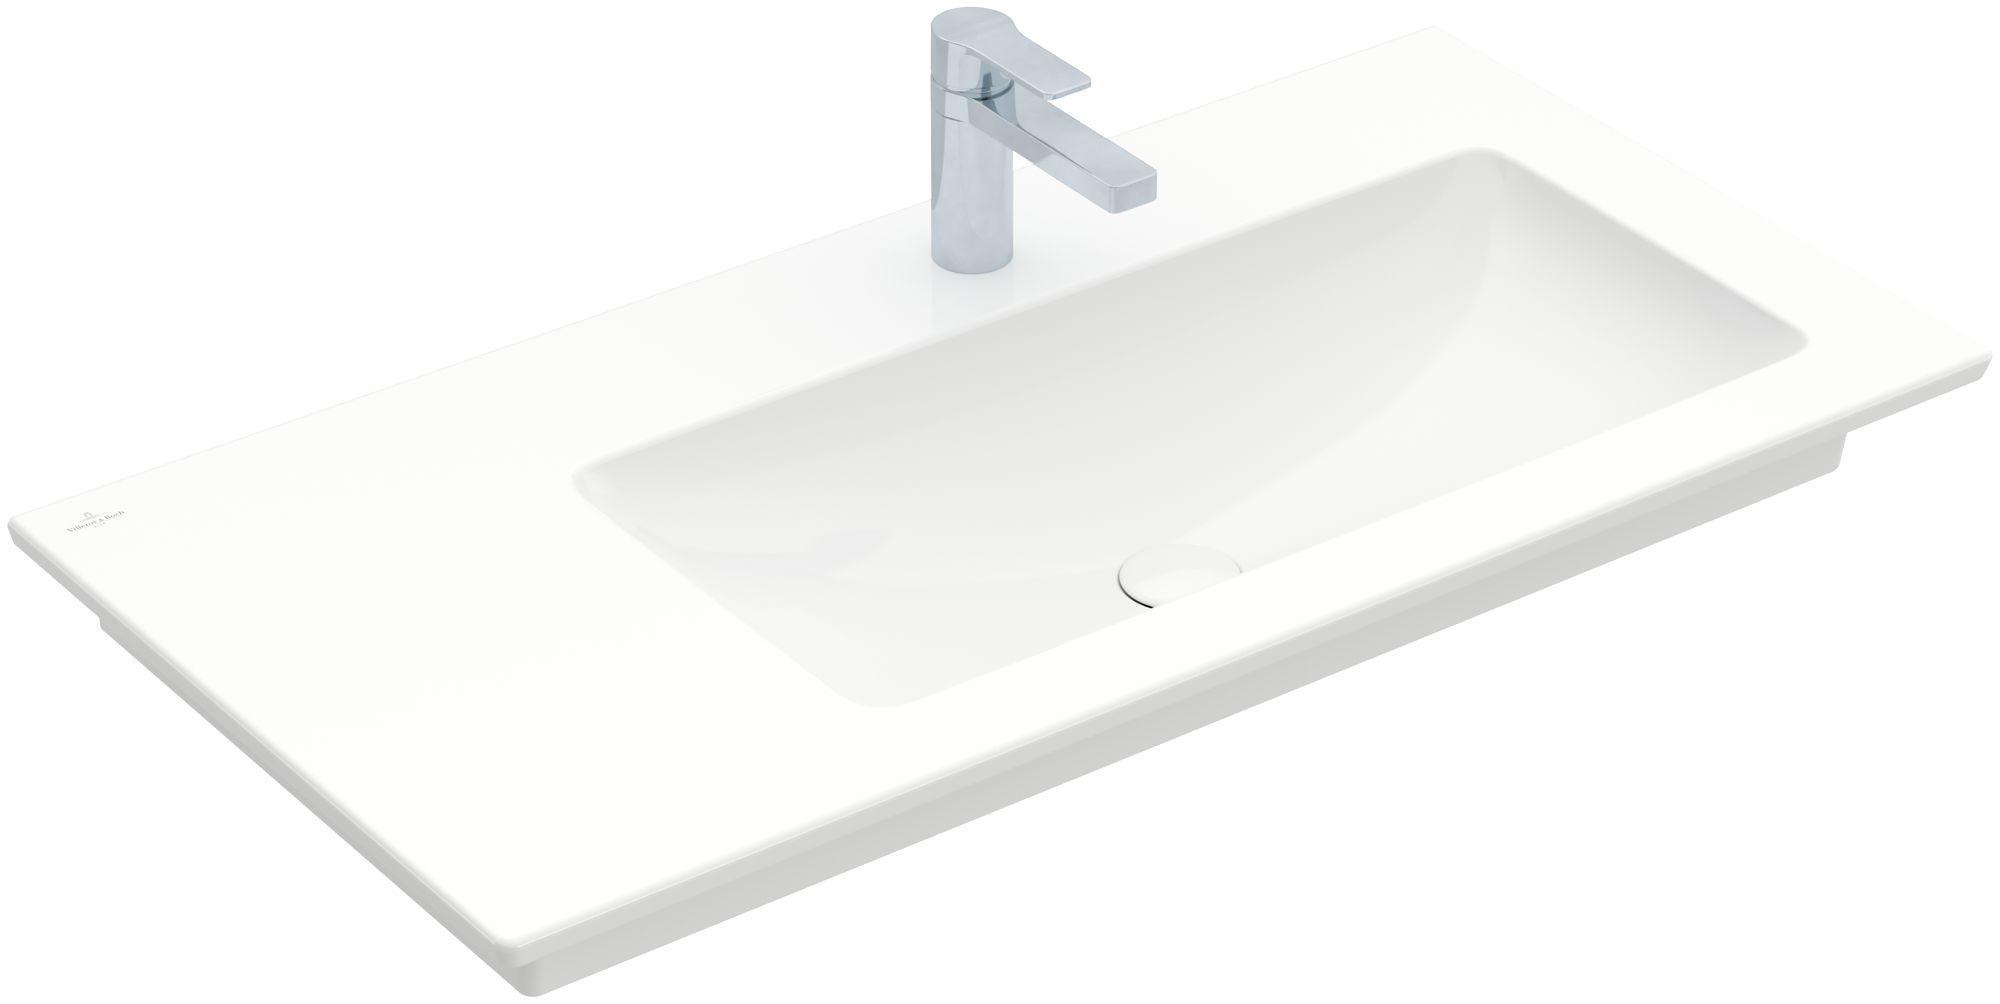 Villeroy & Boch Venticello Möbelwaschtisch B:100xT:50cm 1 Hahnloch ohne Überlauf weiß 4134R201